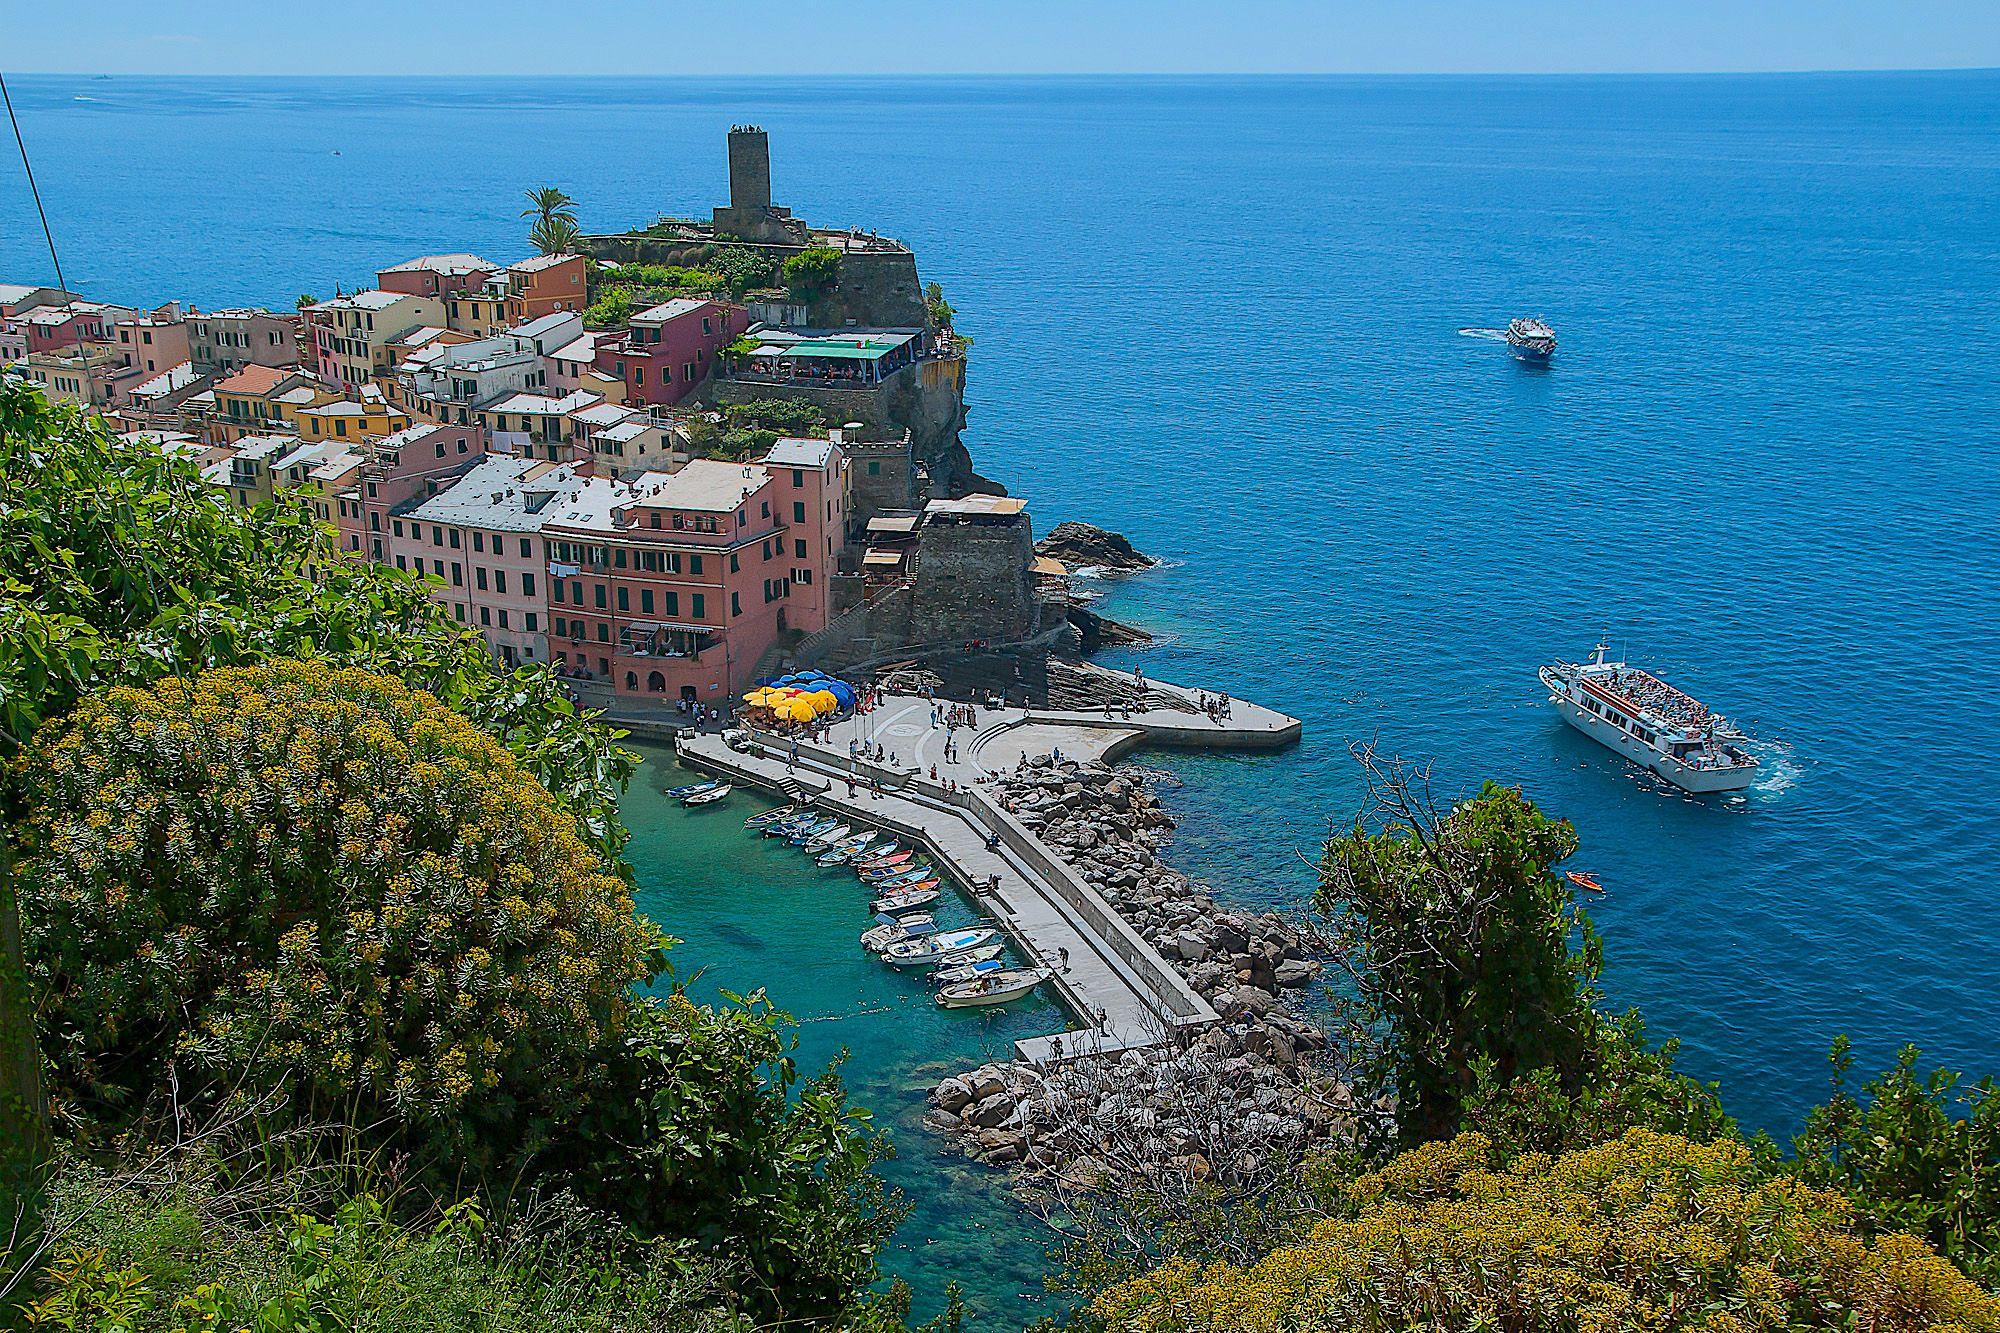 Cesare Charter Portofino - Tour Cinque Terre, Vernazza